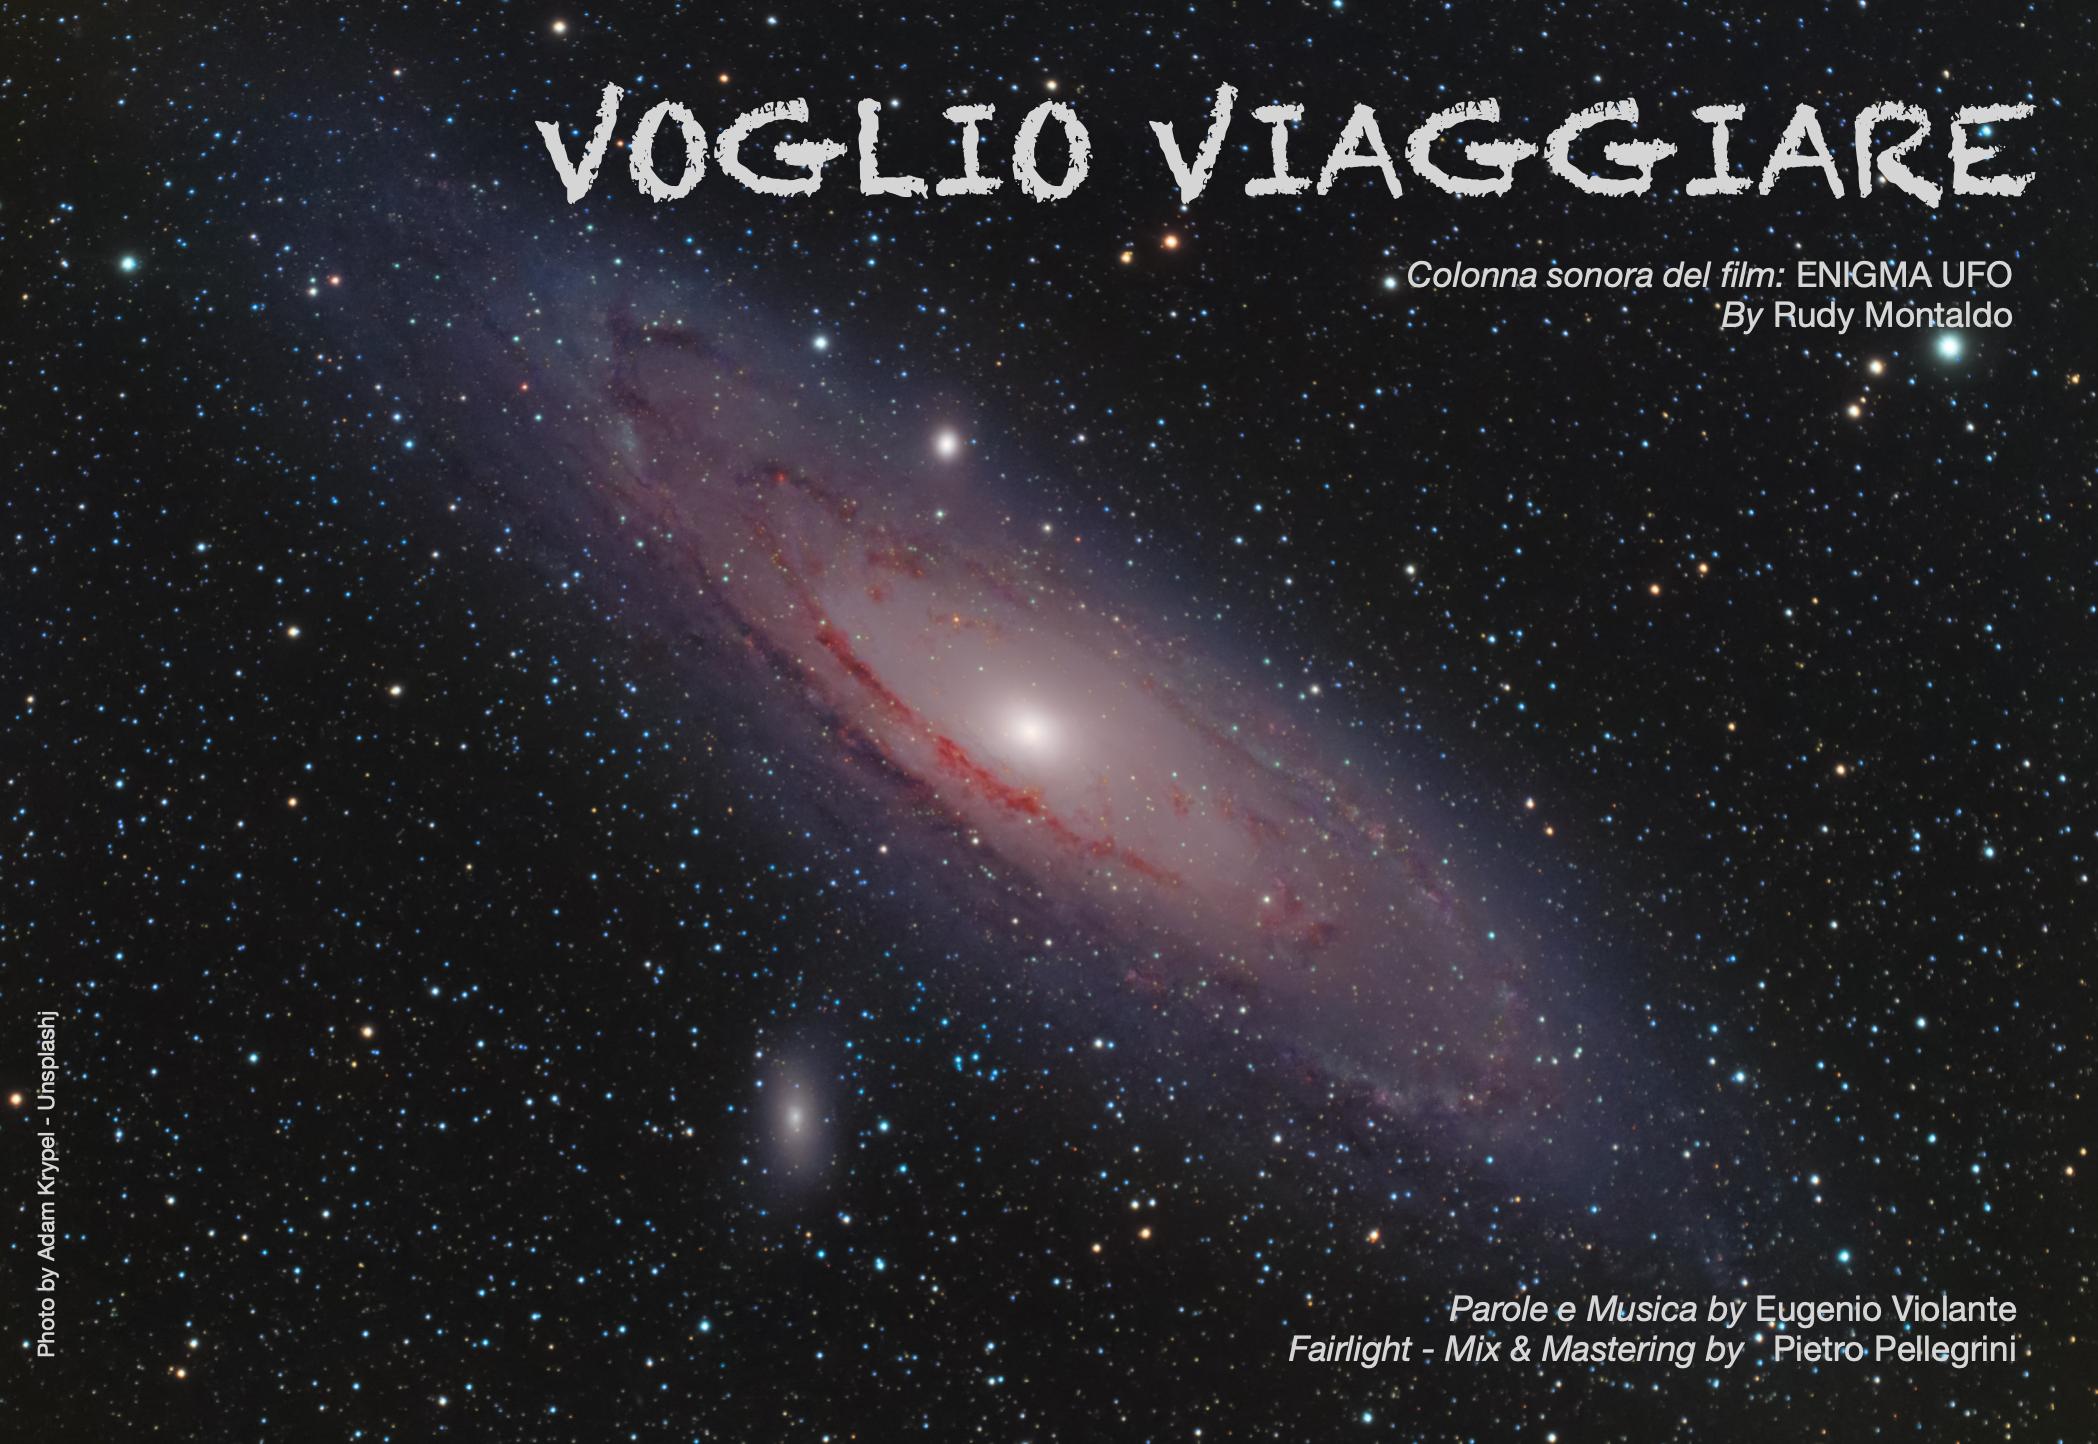 """""""VOGLIO VIAGGIARE"""". Colonna sonora del film: """"ENIGMA UFO"""" Photo by Adam Krypel - Unsplash"""